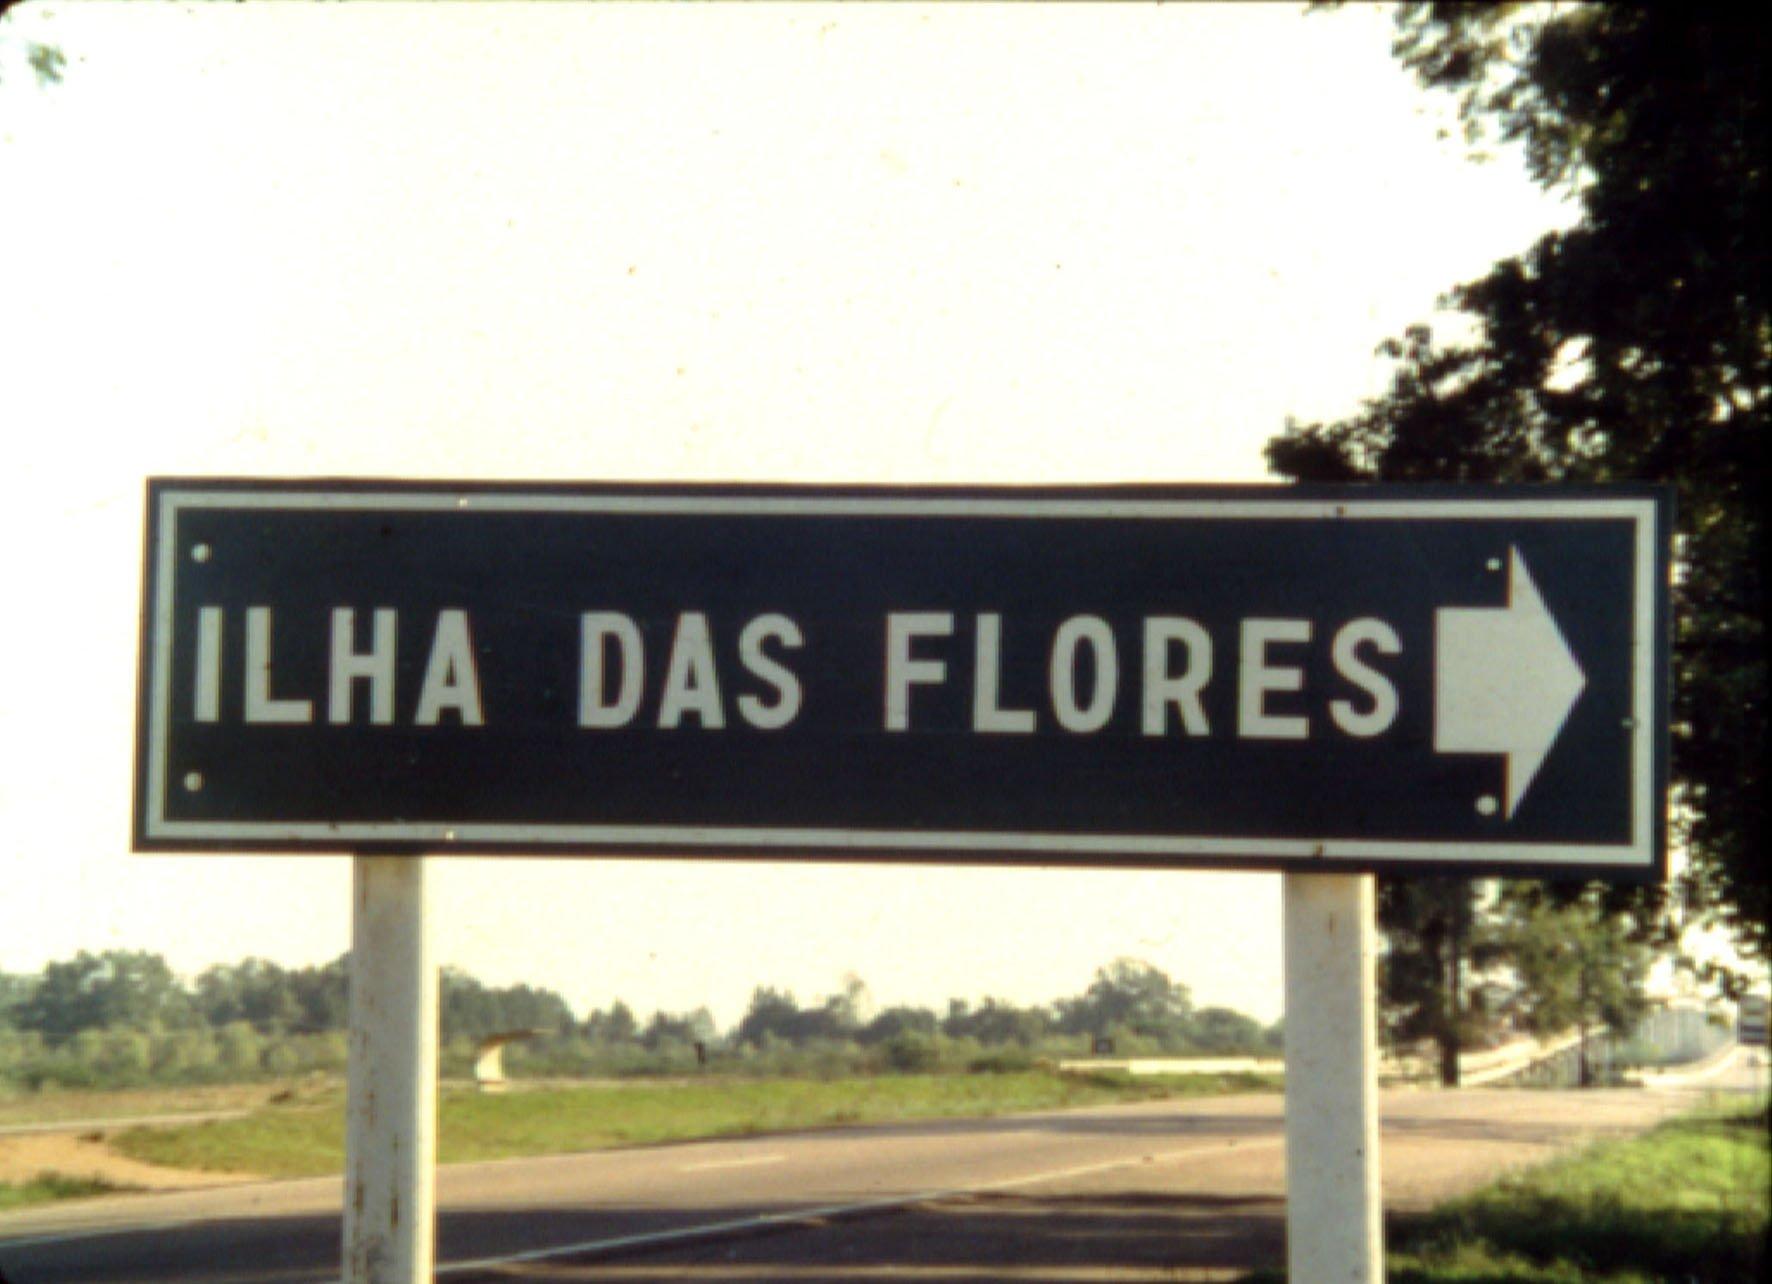 ilha_das_flores_25